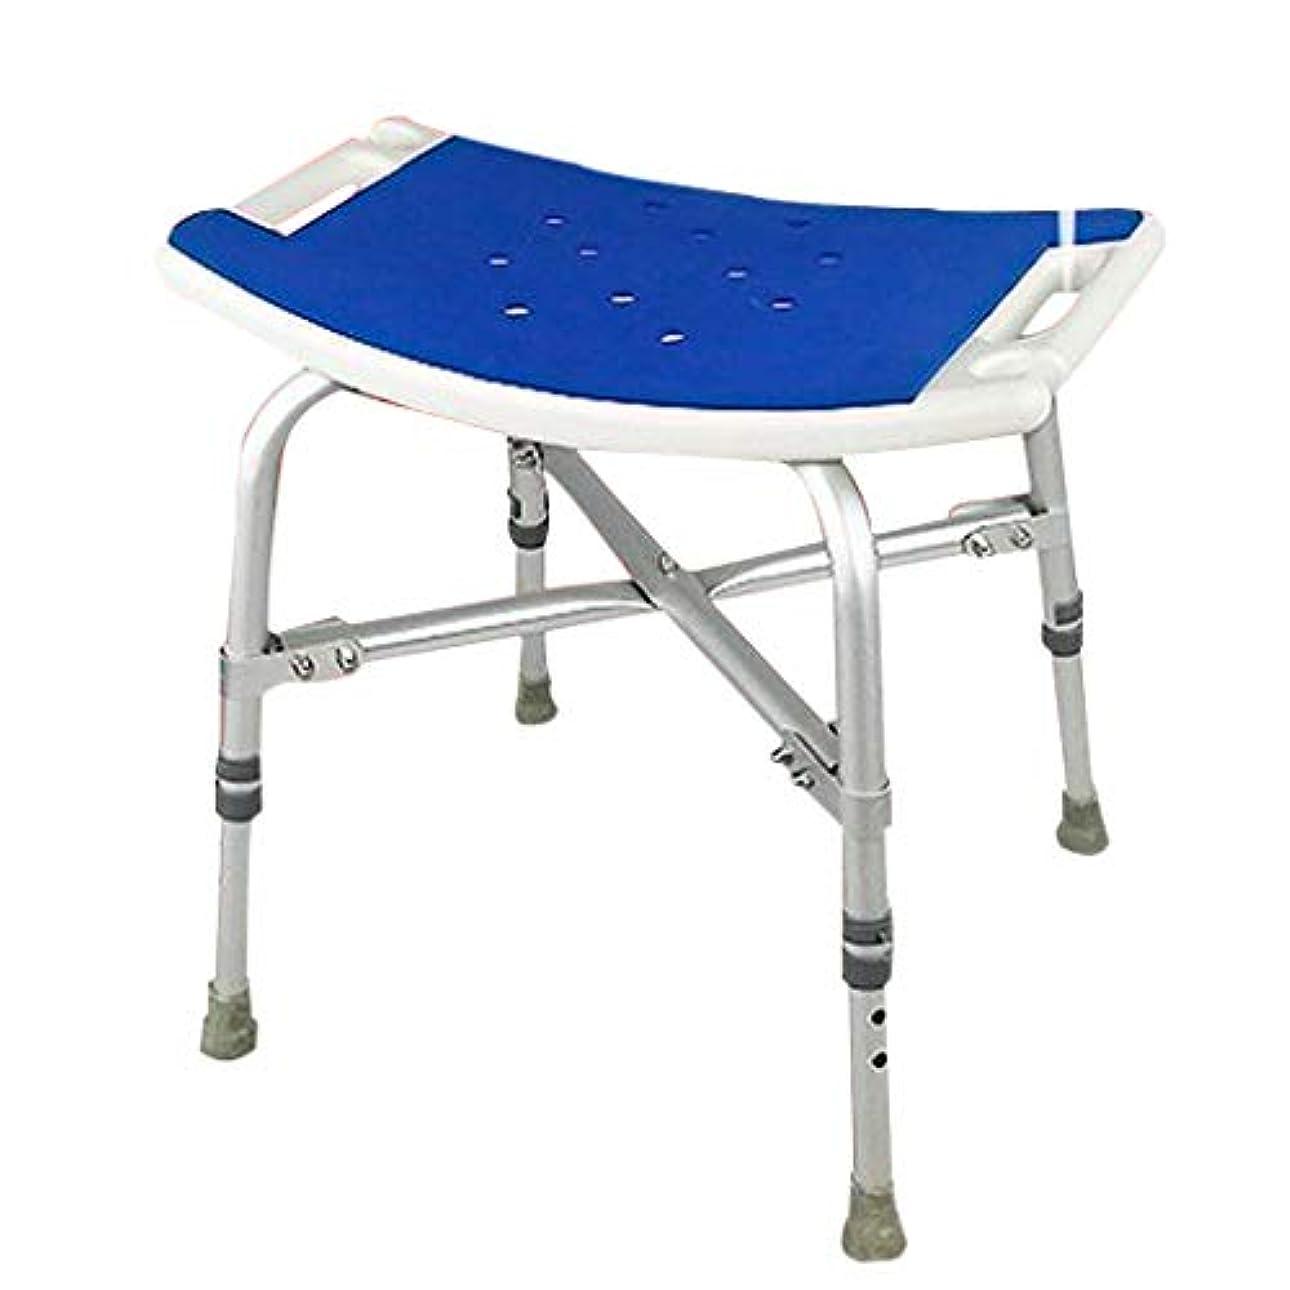 味方記事命令的高さ調整可能 バス/シャワースツール ハンディキャップシャワーシート 障害者支援 人間工学に基づいた バスタブリフトチェア パディング付き 高齢者、障害者、成人向け ヘビーデューティ